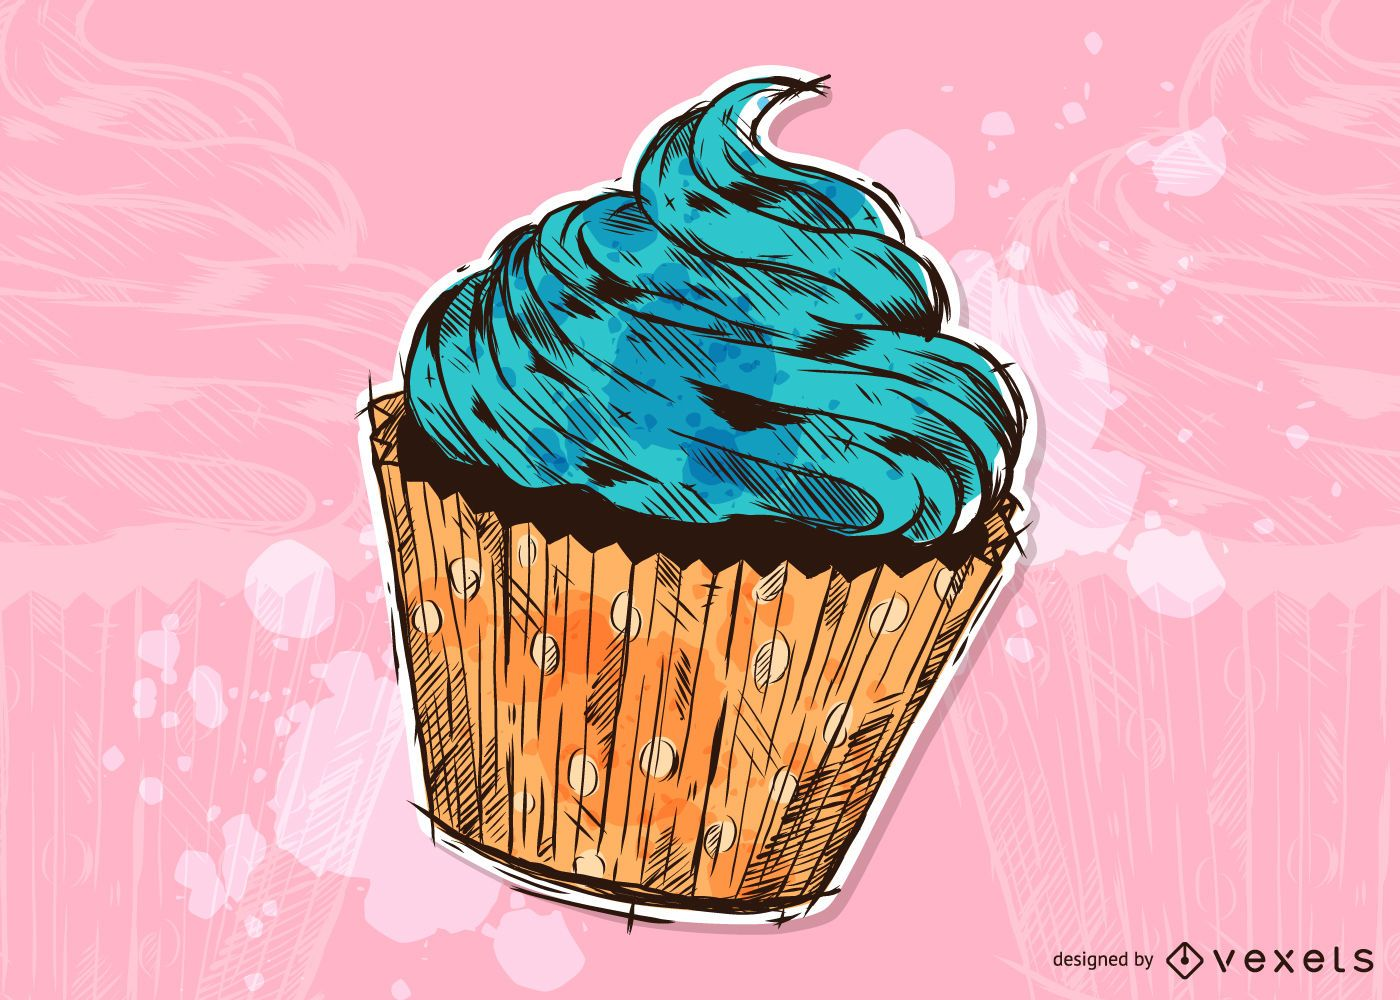 Cupcake Grunge Illustration